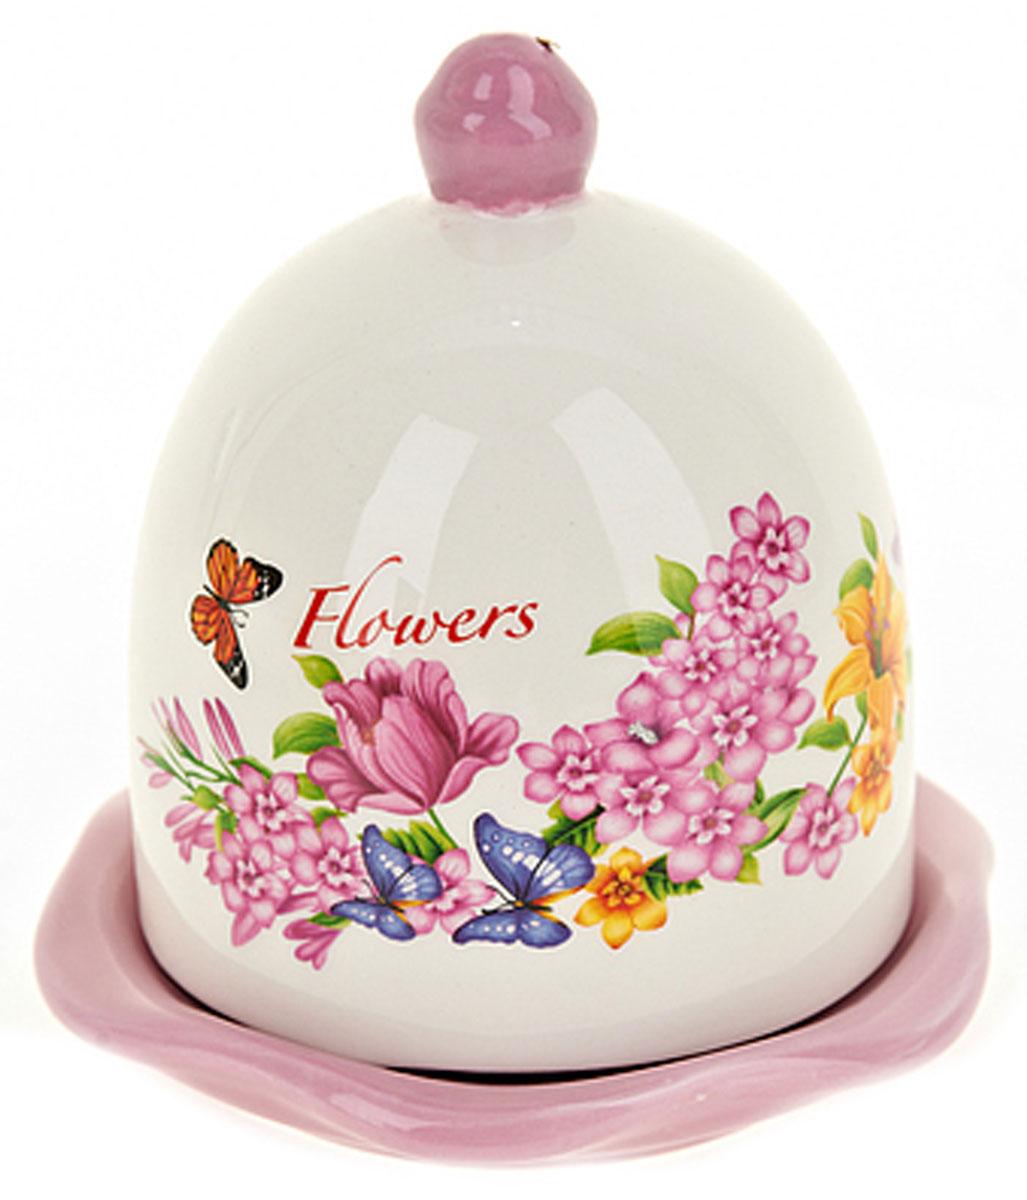 Лимонница ENS Group Flowers-Loreto, 9 х 9 х 12 см. L2430639ПГЛ-007Лимонница Flowers- Loreto выполнена из высококачественной керамики и состоит из блюдца и крышки. Изделие украшено оригинальным узором. Лимонница Flowers- Lorento доставит истинное удовольствие ценителям прекрасного и поможет сохранить свежесть лимона на длительный срок. Яркий дизайн, несомненно, придется вам по вкусу. Не рекомендуется мыть в посудомоечной машине.